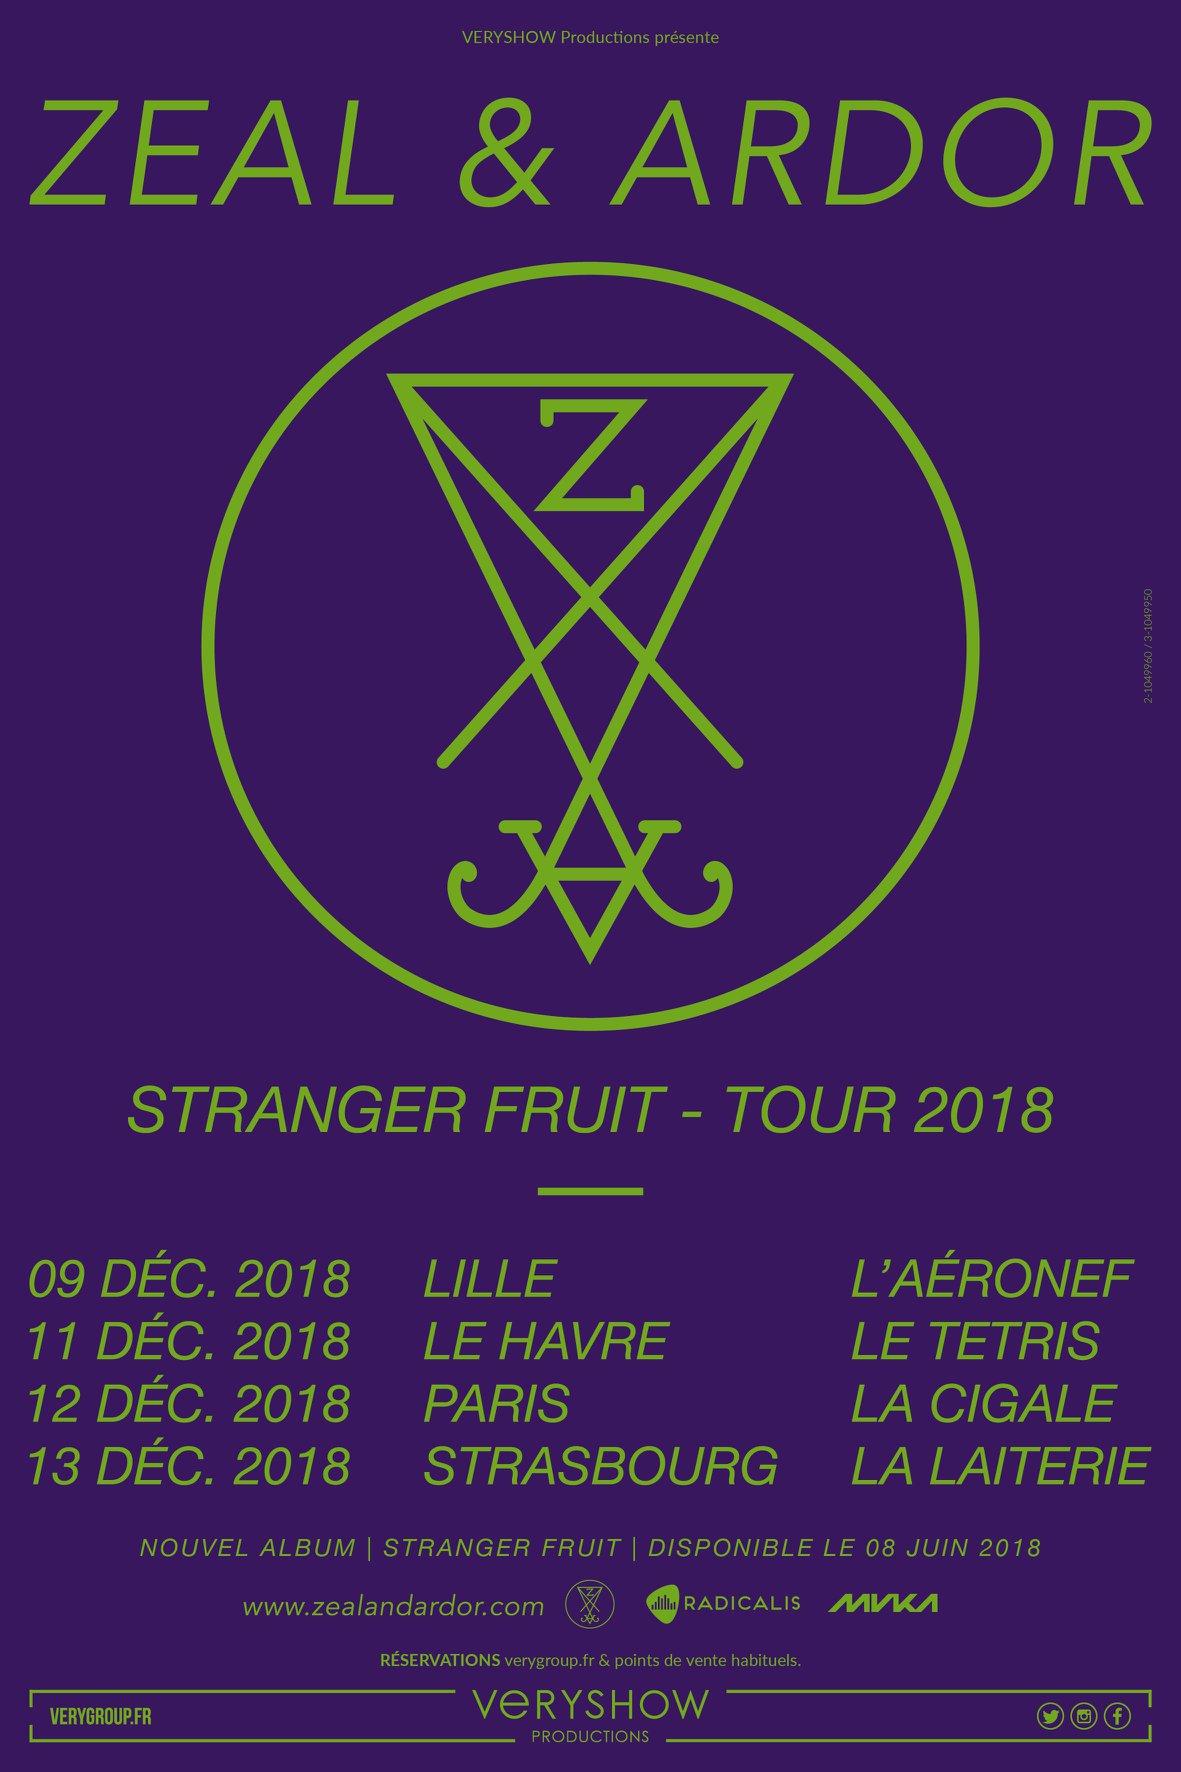 Zeal & Ardor + Hangman's Chair @ la Cigale (Paris), le 12 Décembre 2018